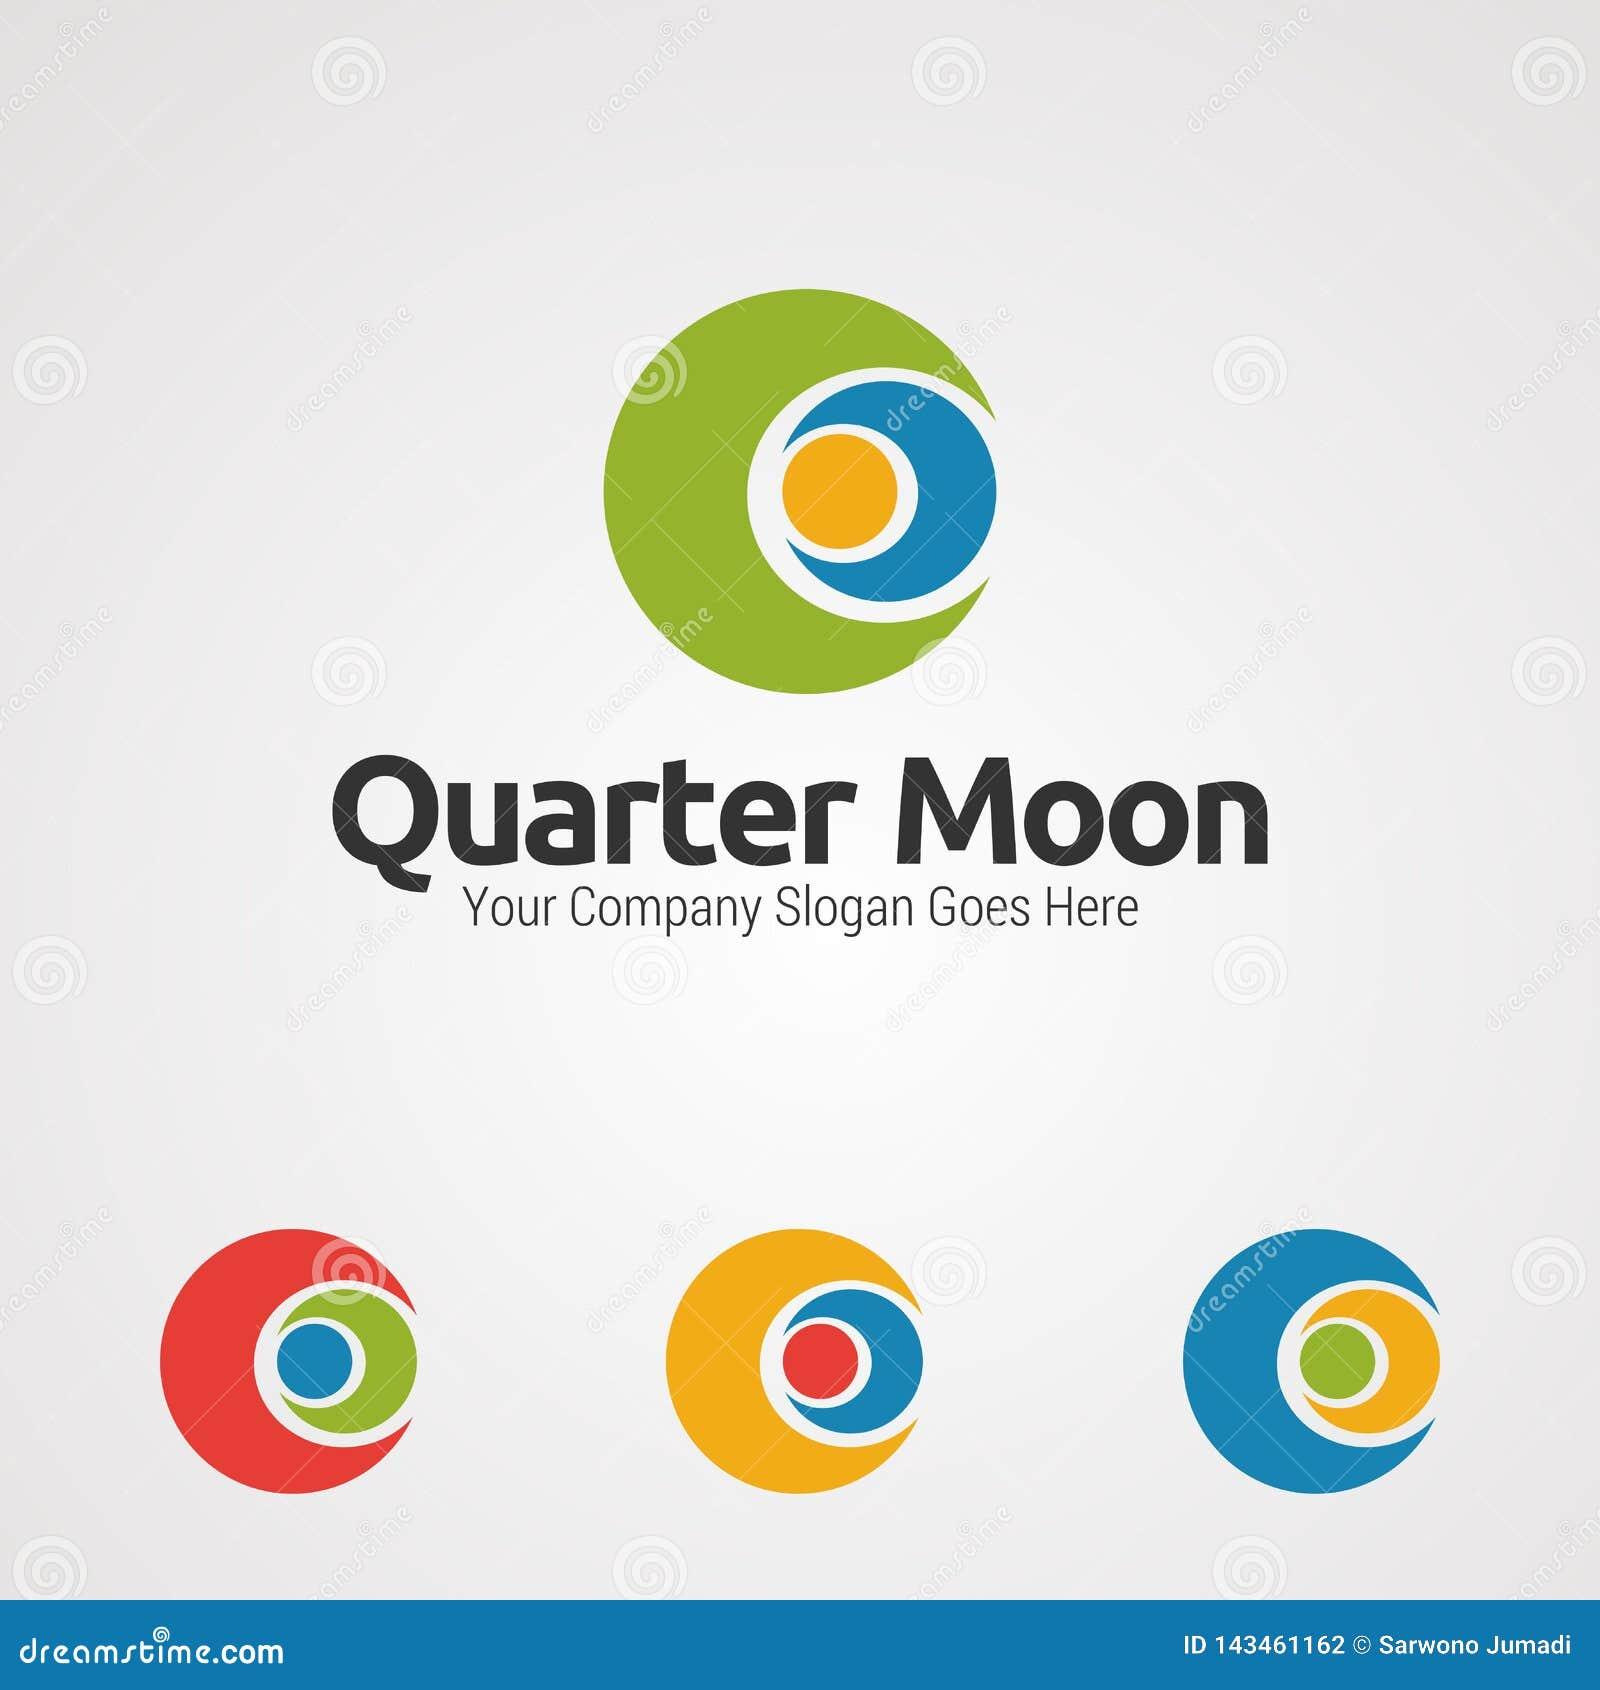 Vector, icono, elemento, y plantilla humanos del logotipo del abrazo de la luna cuarta para la compañía